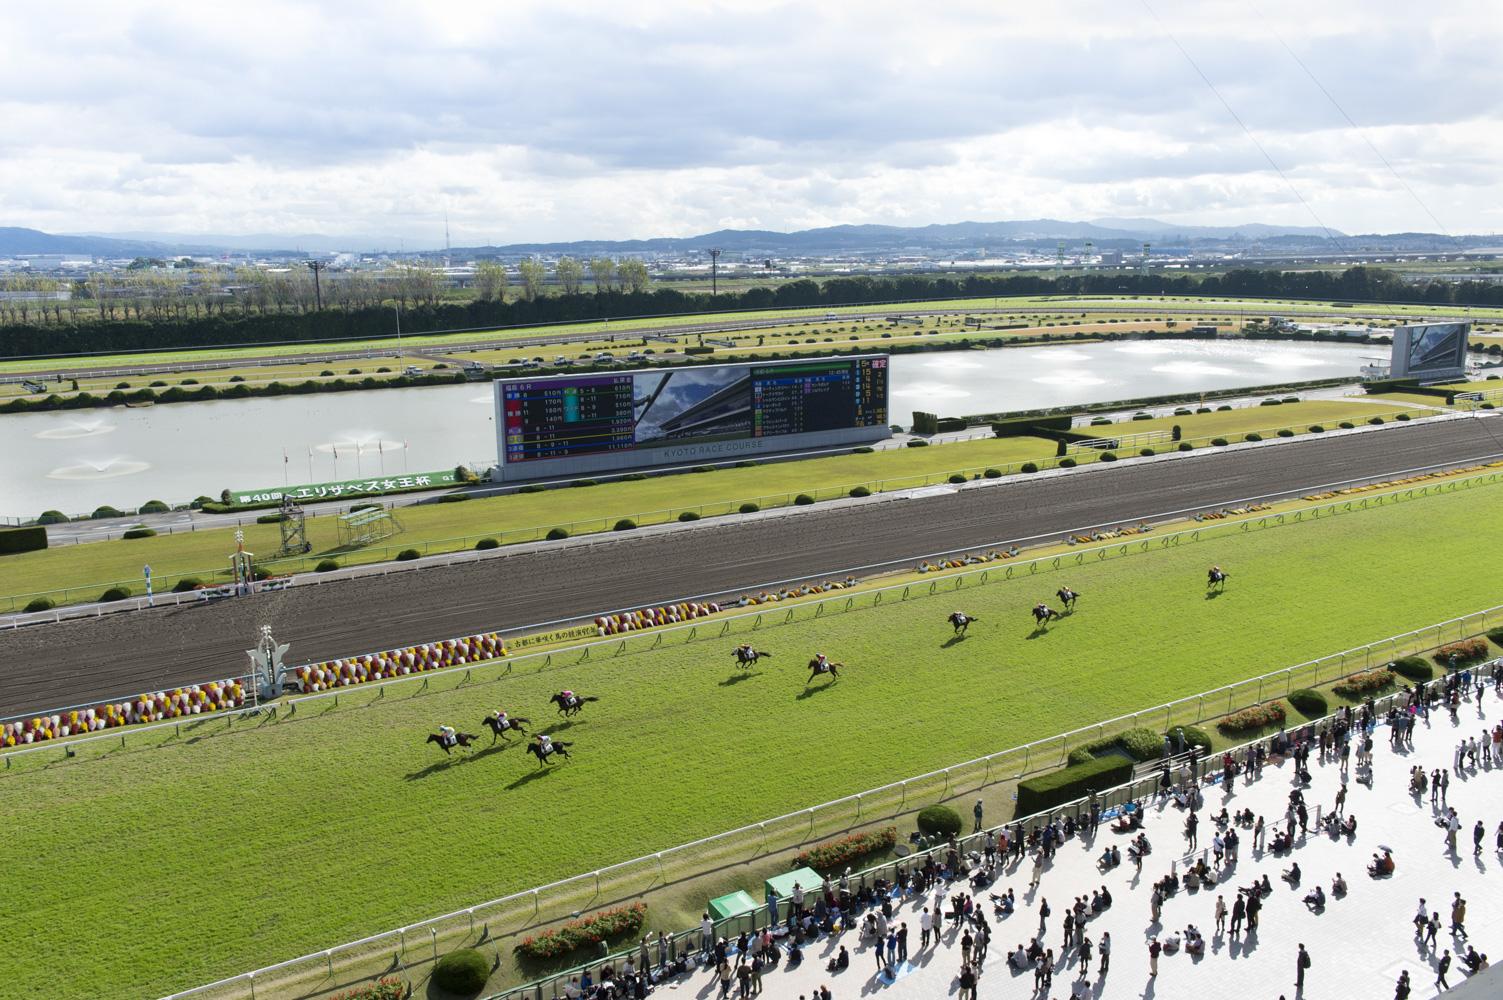 中央には噴水があり、自然豊かな京都競馬場。